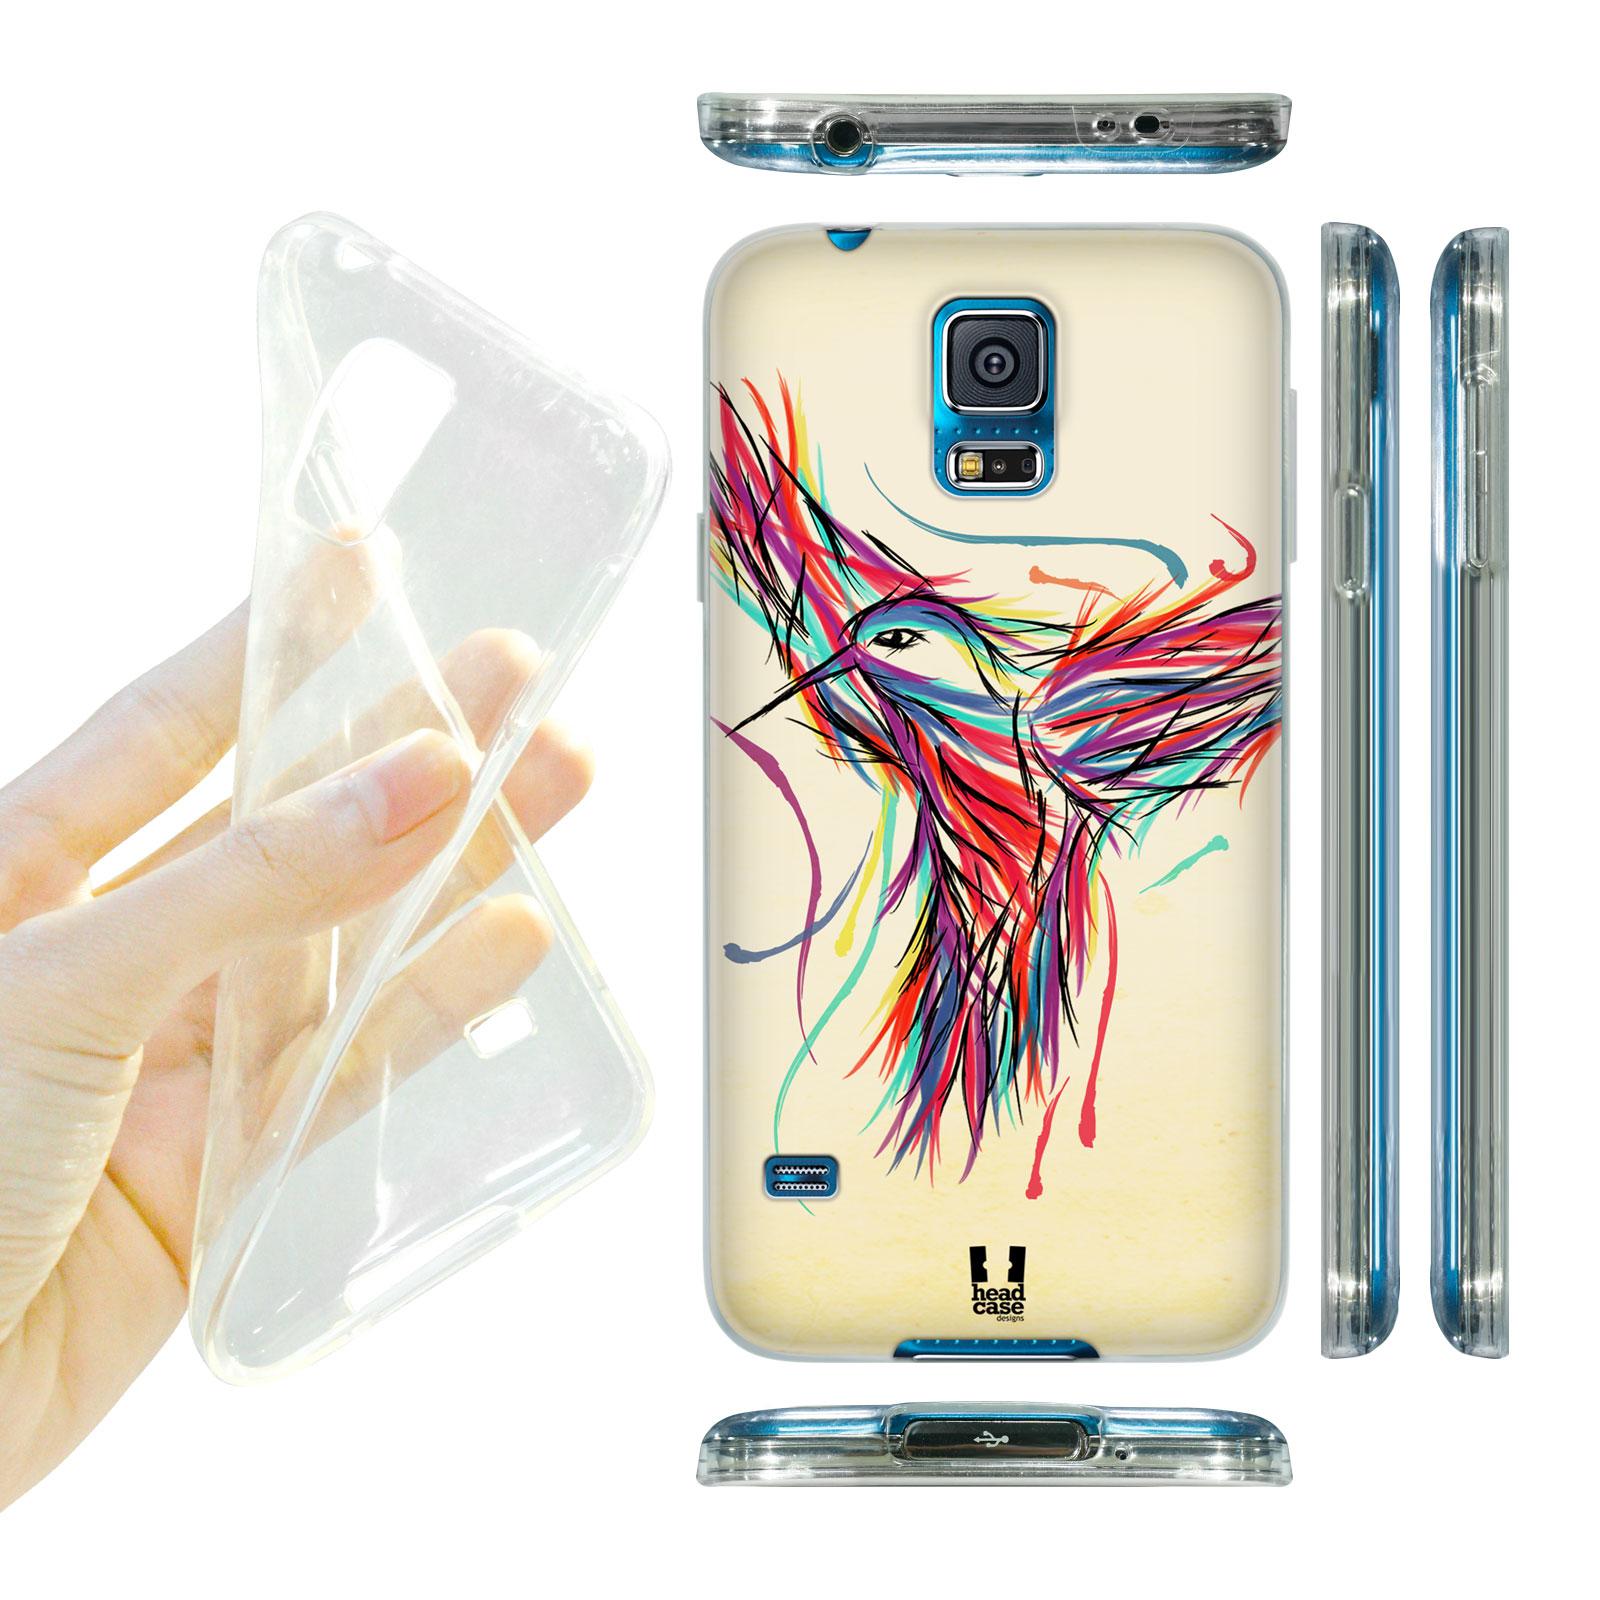 HEAD CASE silikonový obal na mobil Samsung galaxy S5 barevná kresba kolibřík